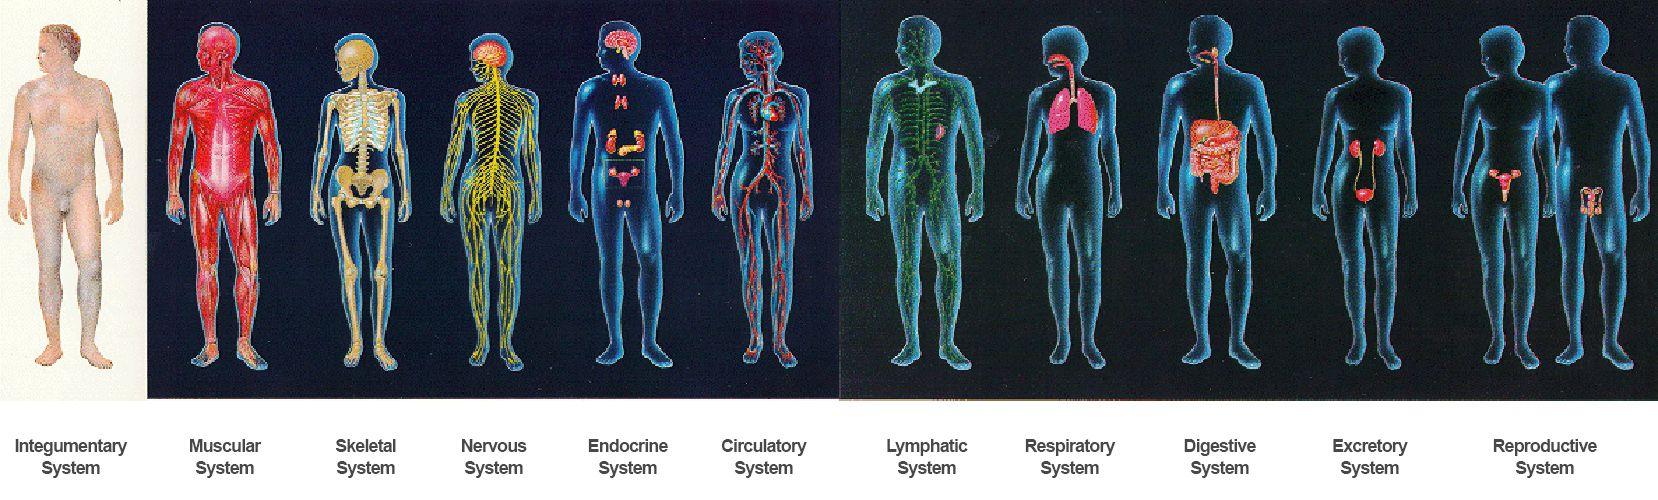 anatomy 11 systems of the body - Body & Anatomy